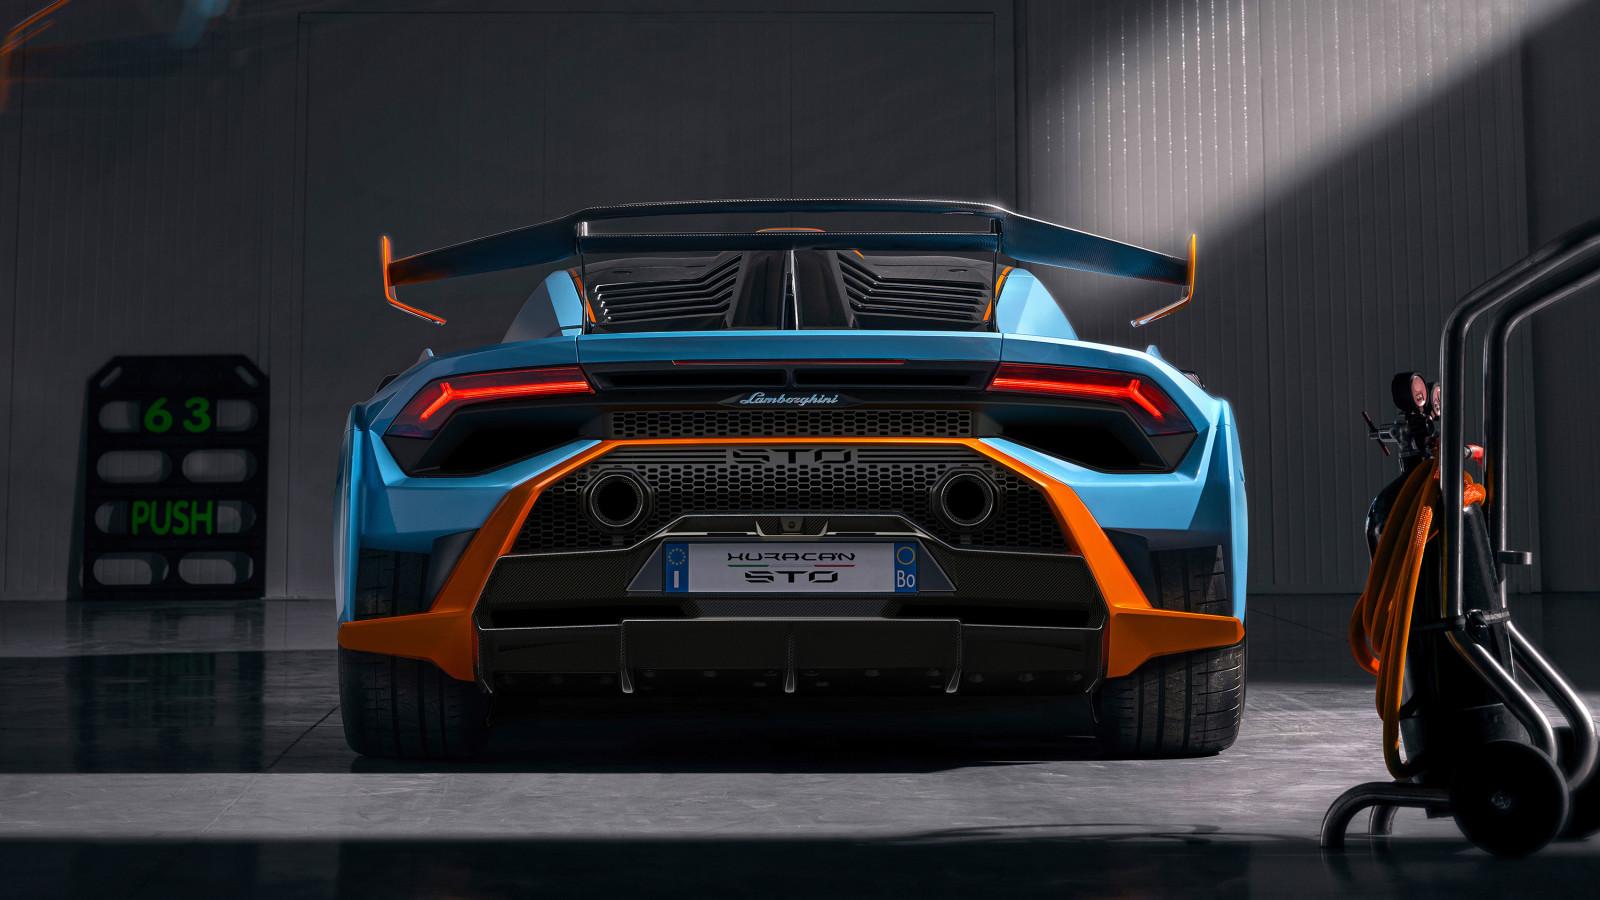 Der neueste Lamborghini Huracán ist ein Supersportler für die Straße